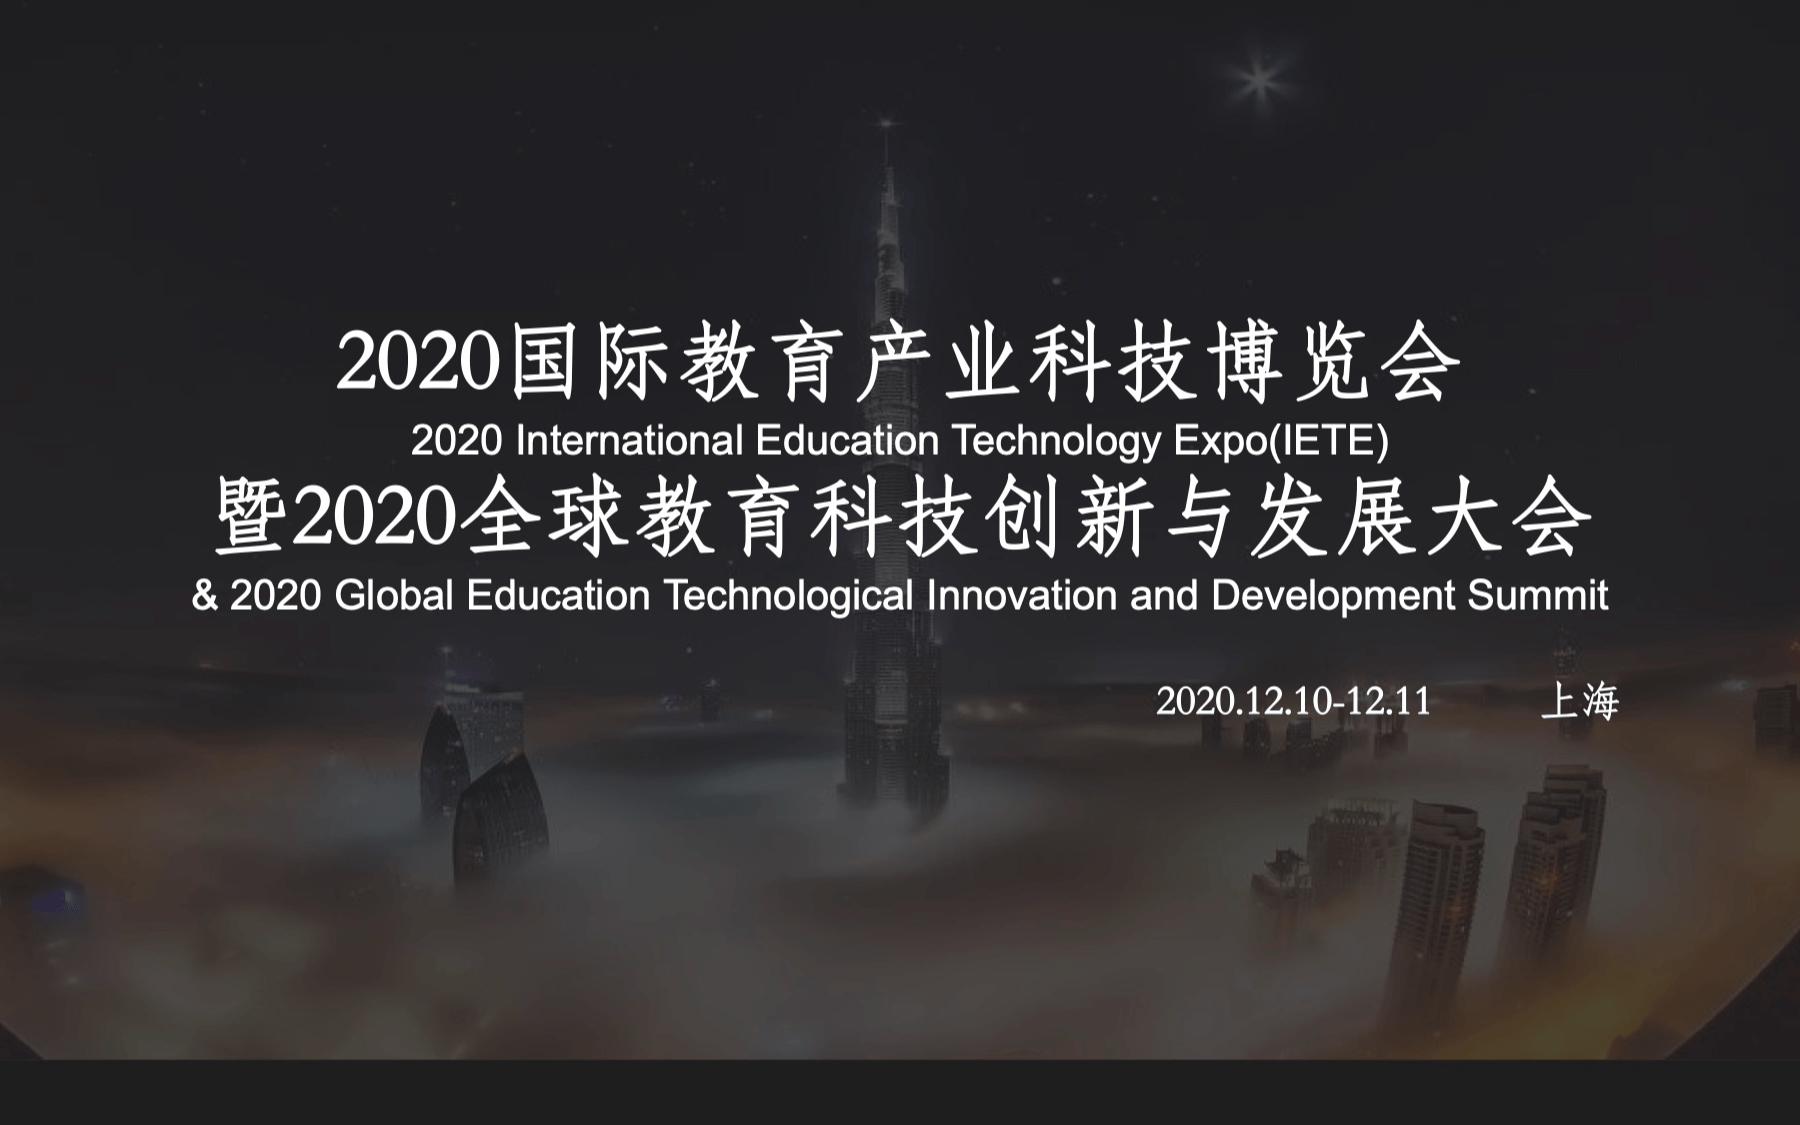 2020国际教育产业创新与科技博览会